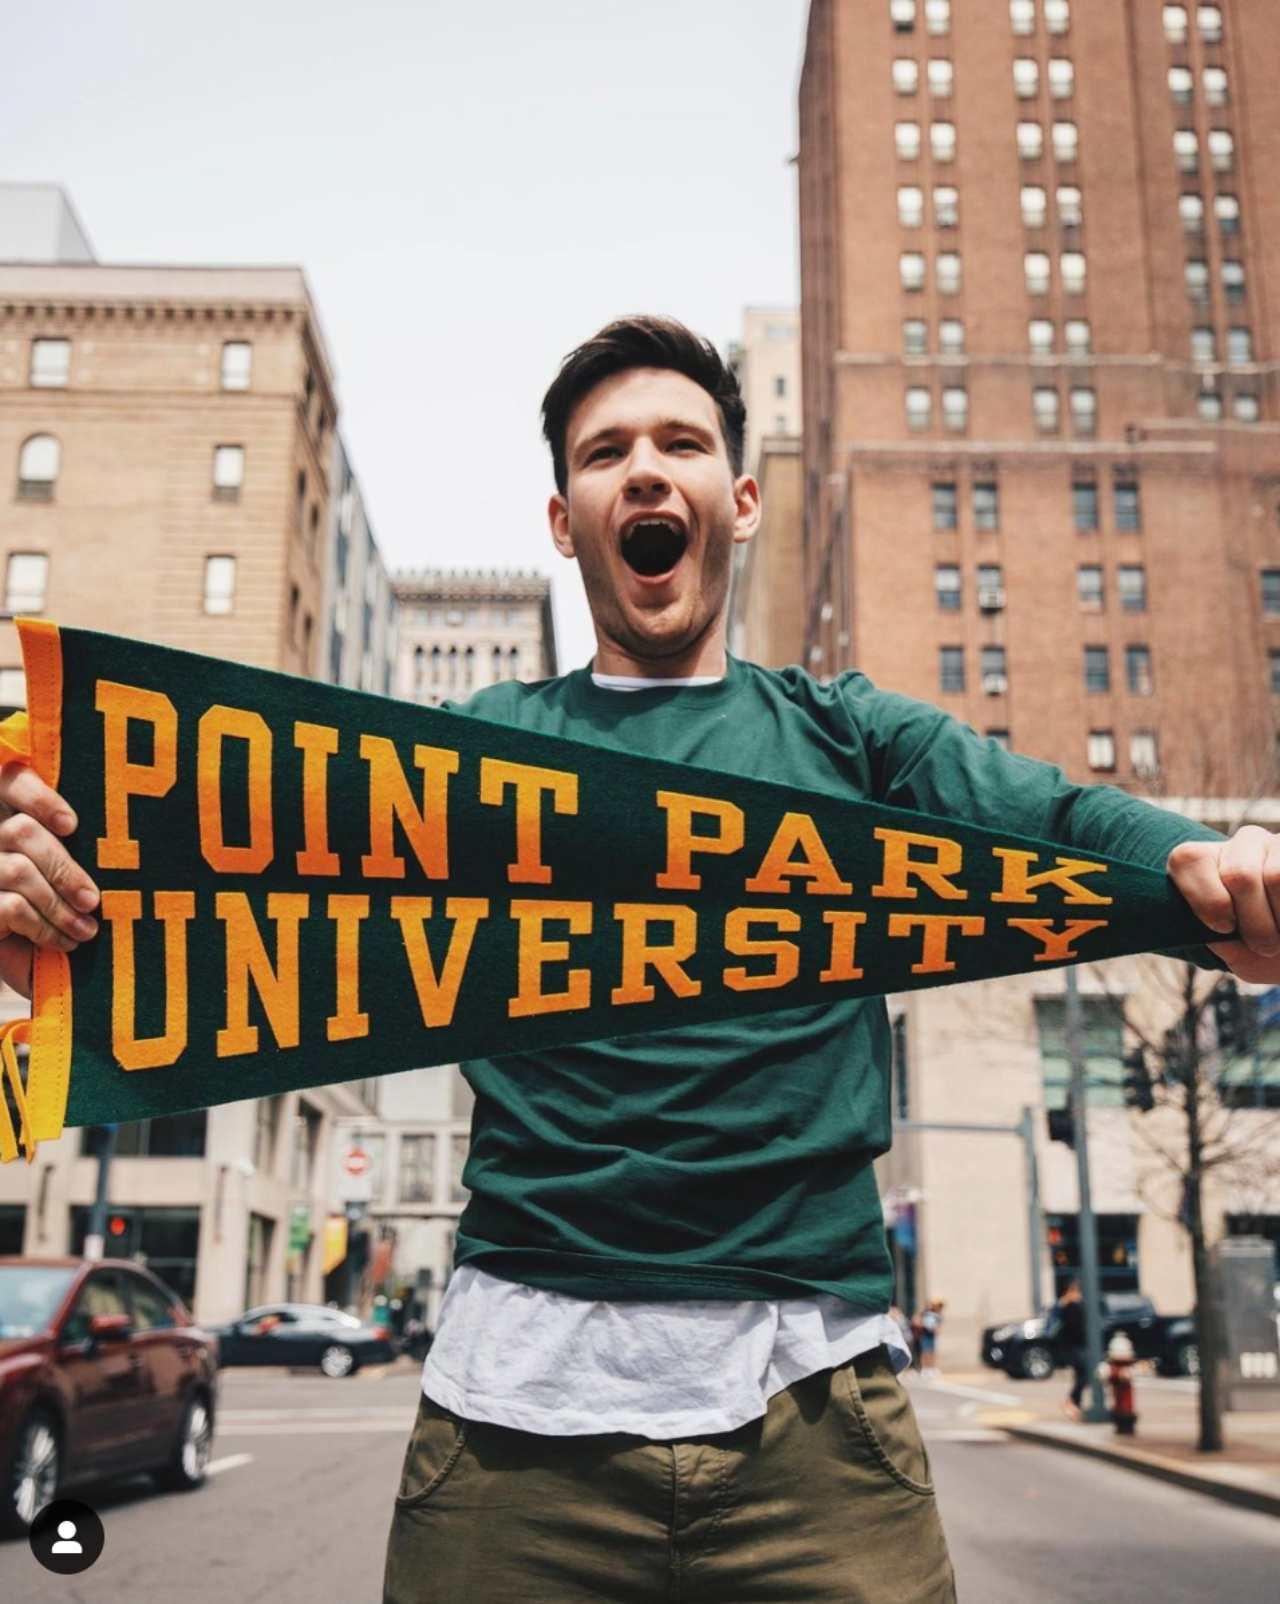 Universidad sancionará a quien no respete lenguaje inclusivo